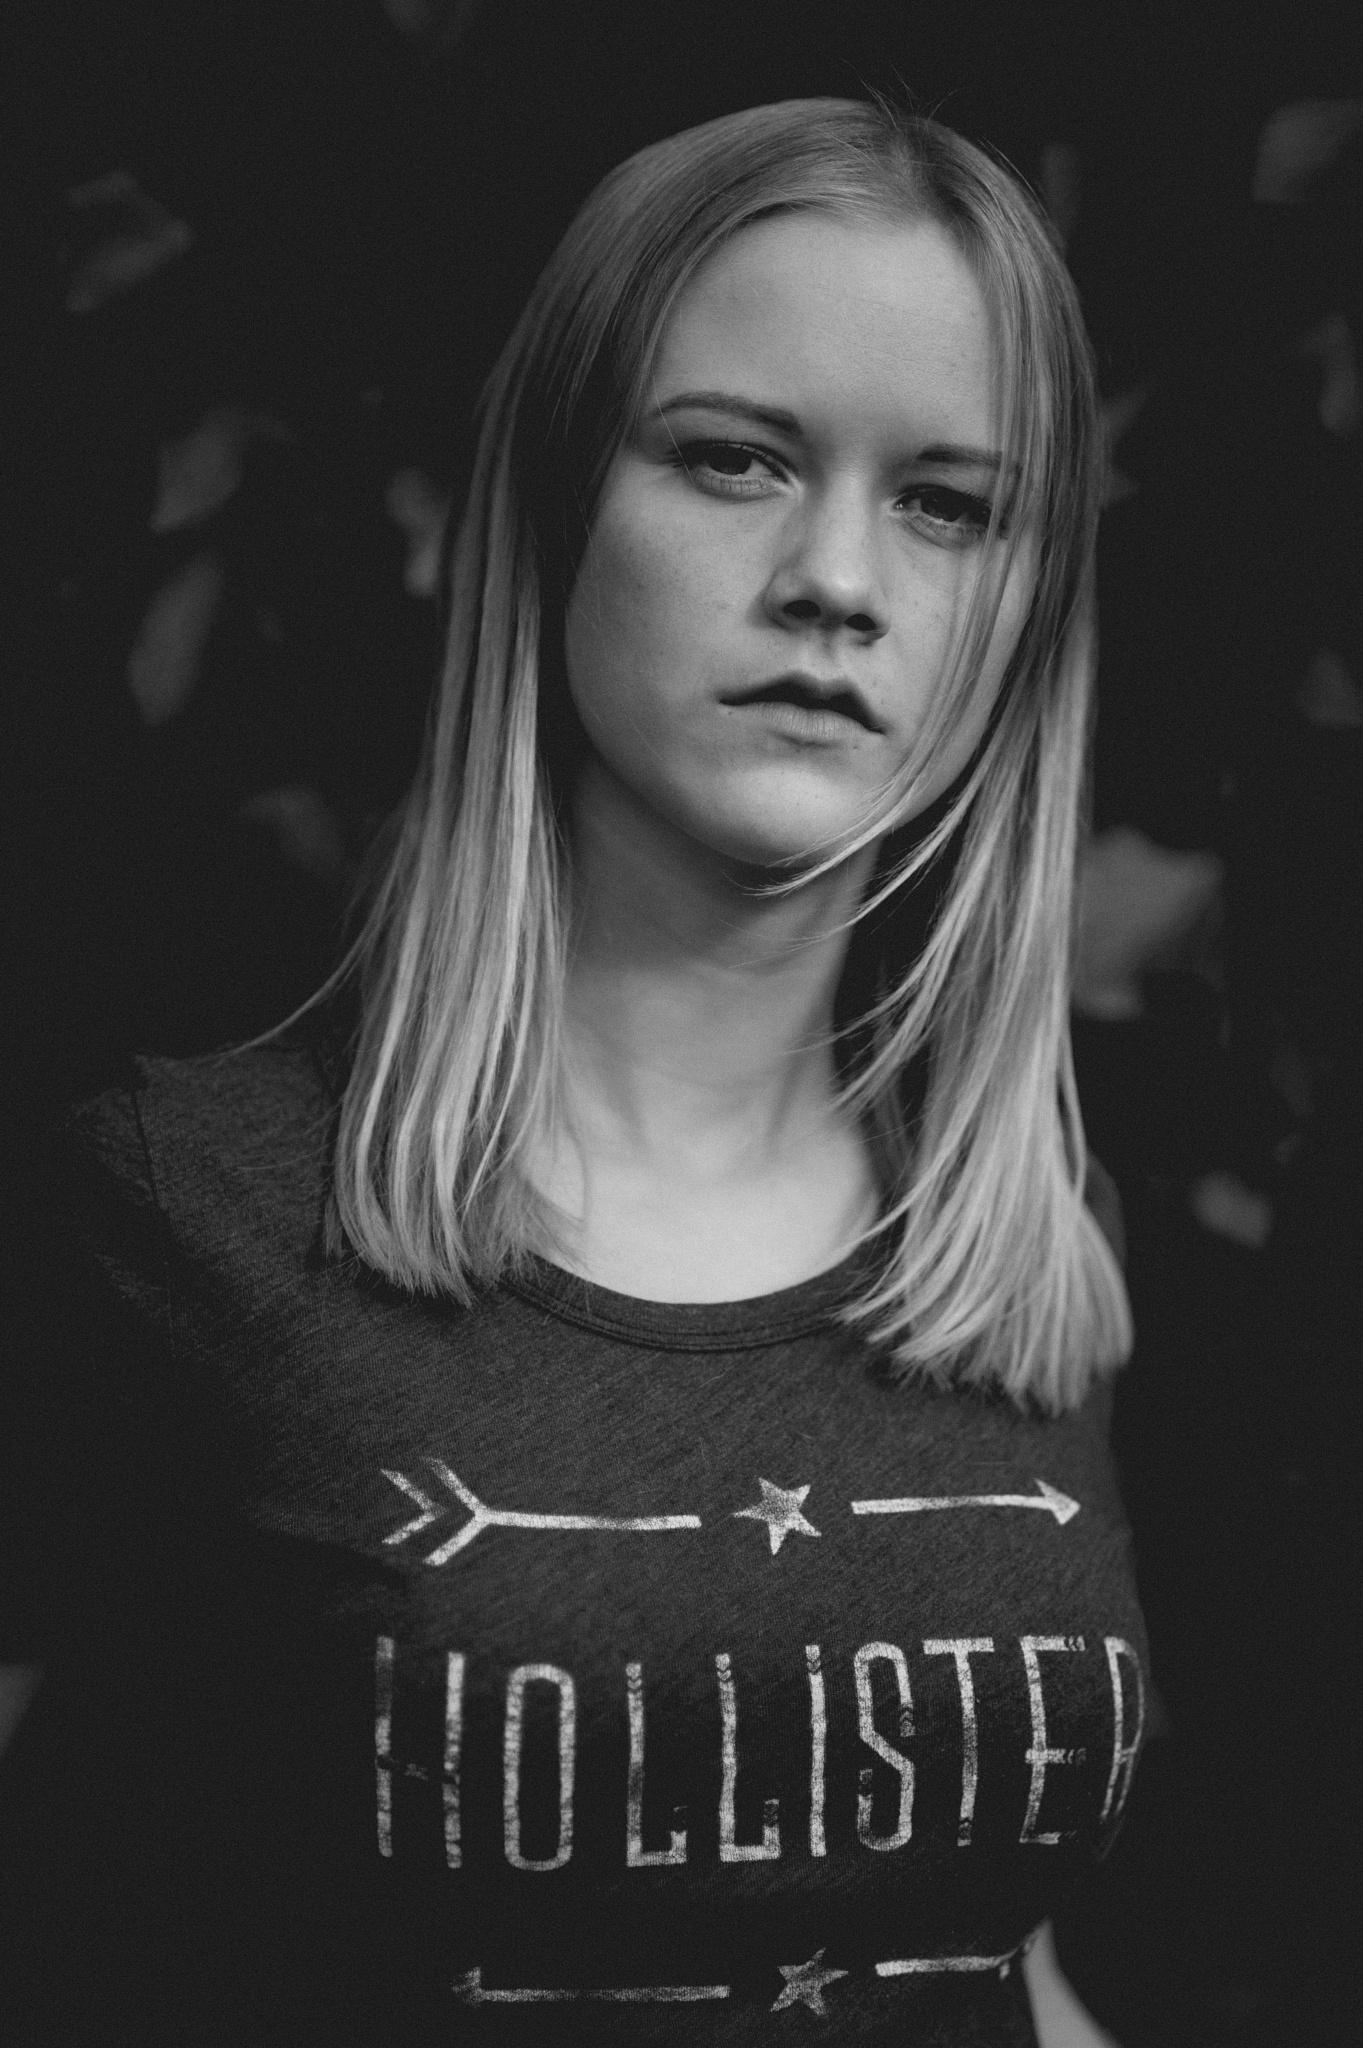 Spontaneous shooting with Nina by Jens Zieglowski